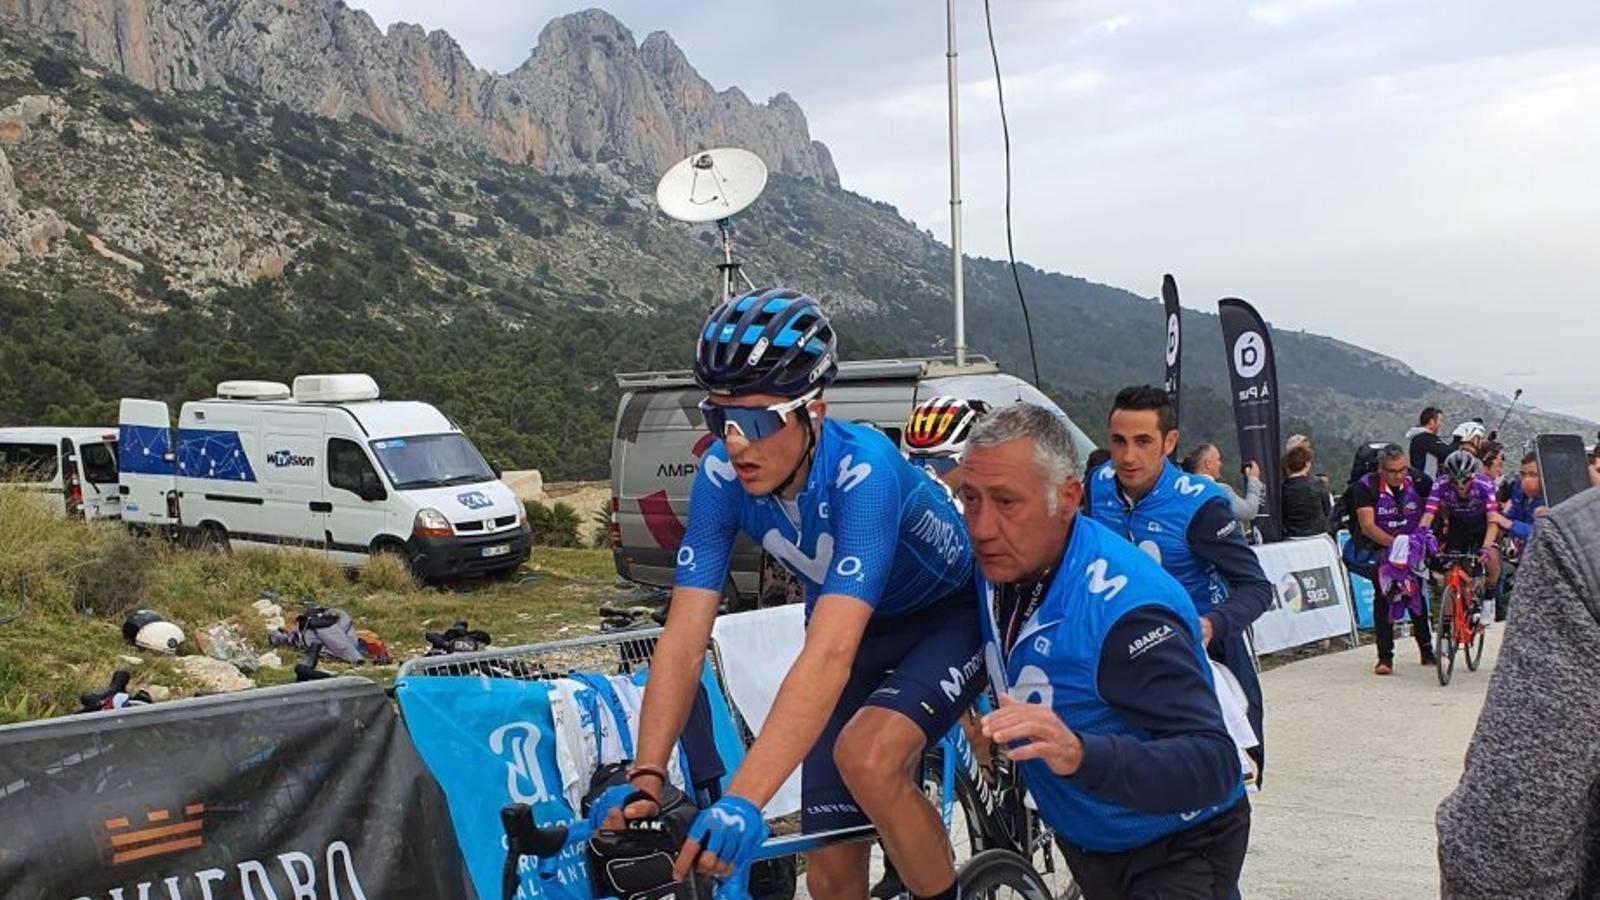 Pep Toni Escandell, assistint a Marc Soler en una arribada de la Volta a la Comunitat Valenciana 2020. / MOVISTAR TEAM